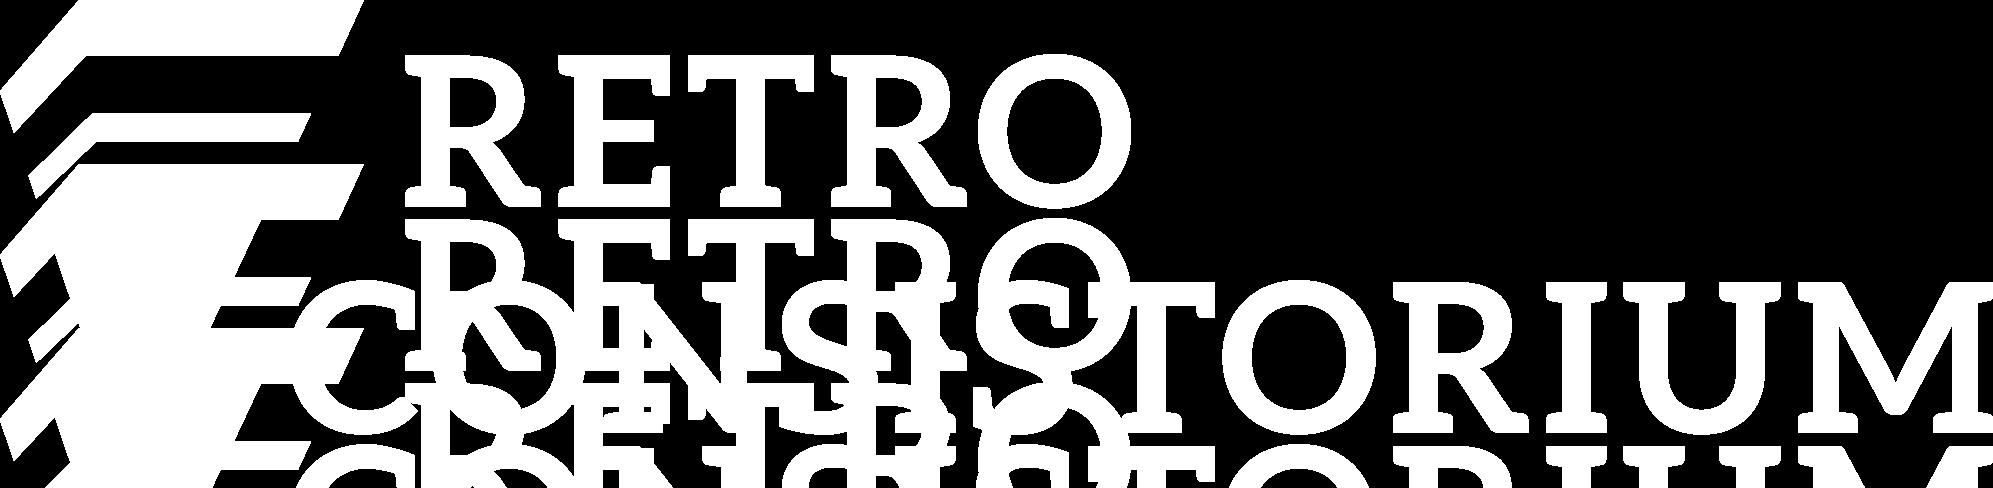 Retro Consistorium_logo cover.png